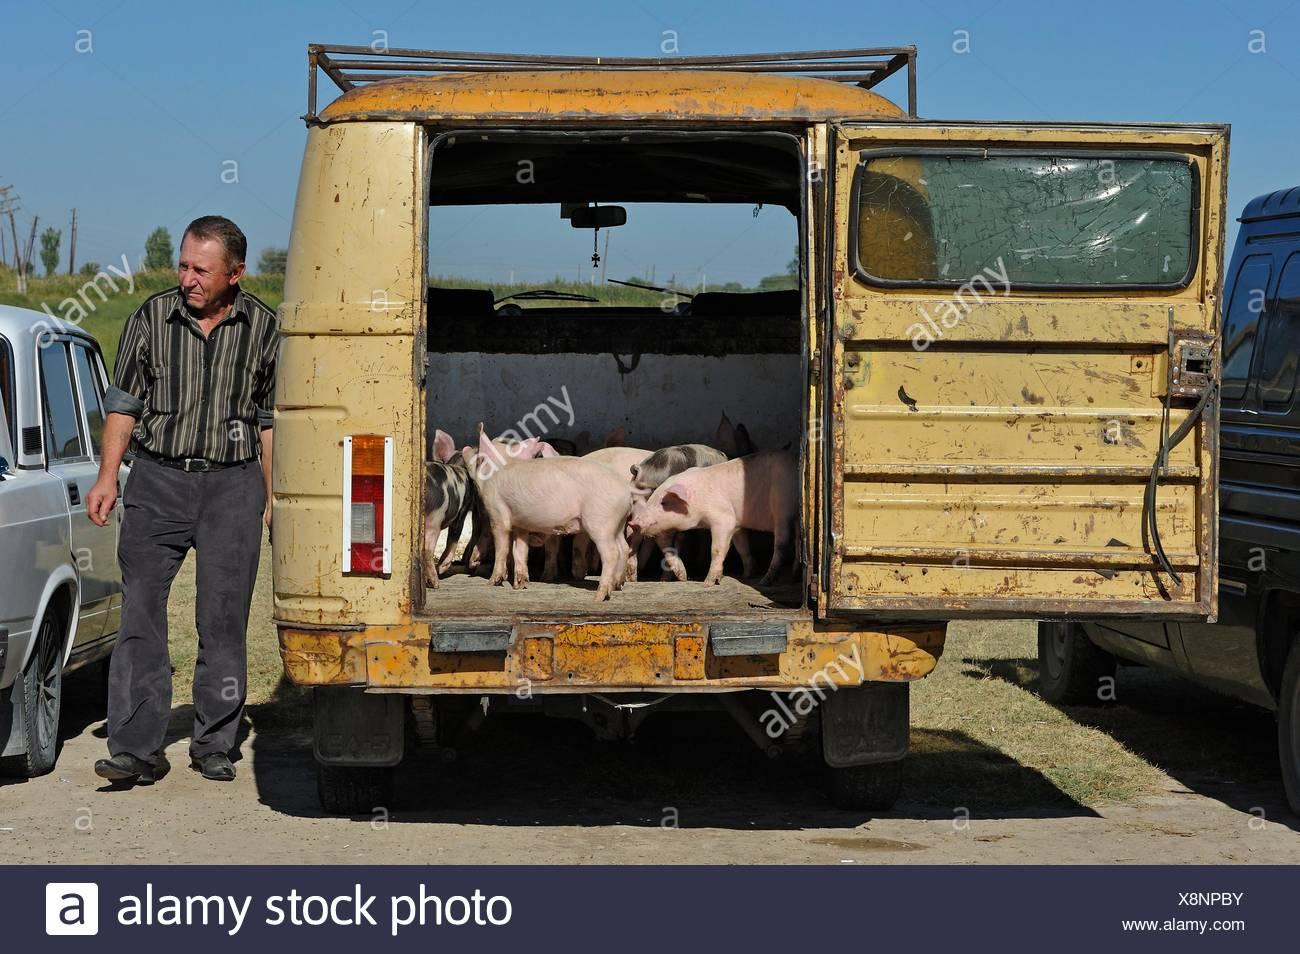 Mercado de gado no Ararat Artashat planície perto, 30 km a sudeste de Erevan, Arménia, a Eurásia. Imagens de Stock